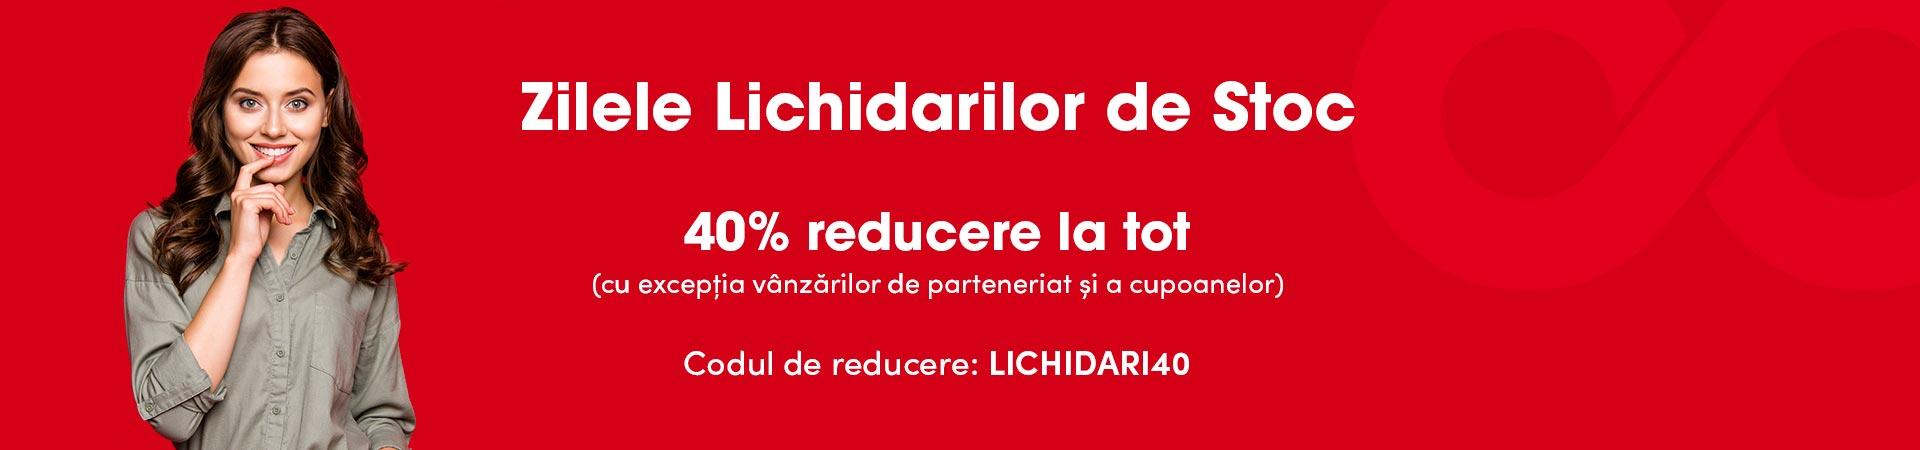 ZILELE LICHIDARILOR DE STOC